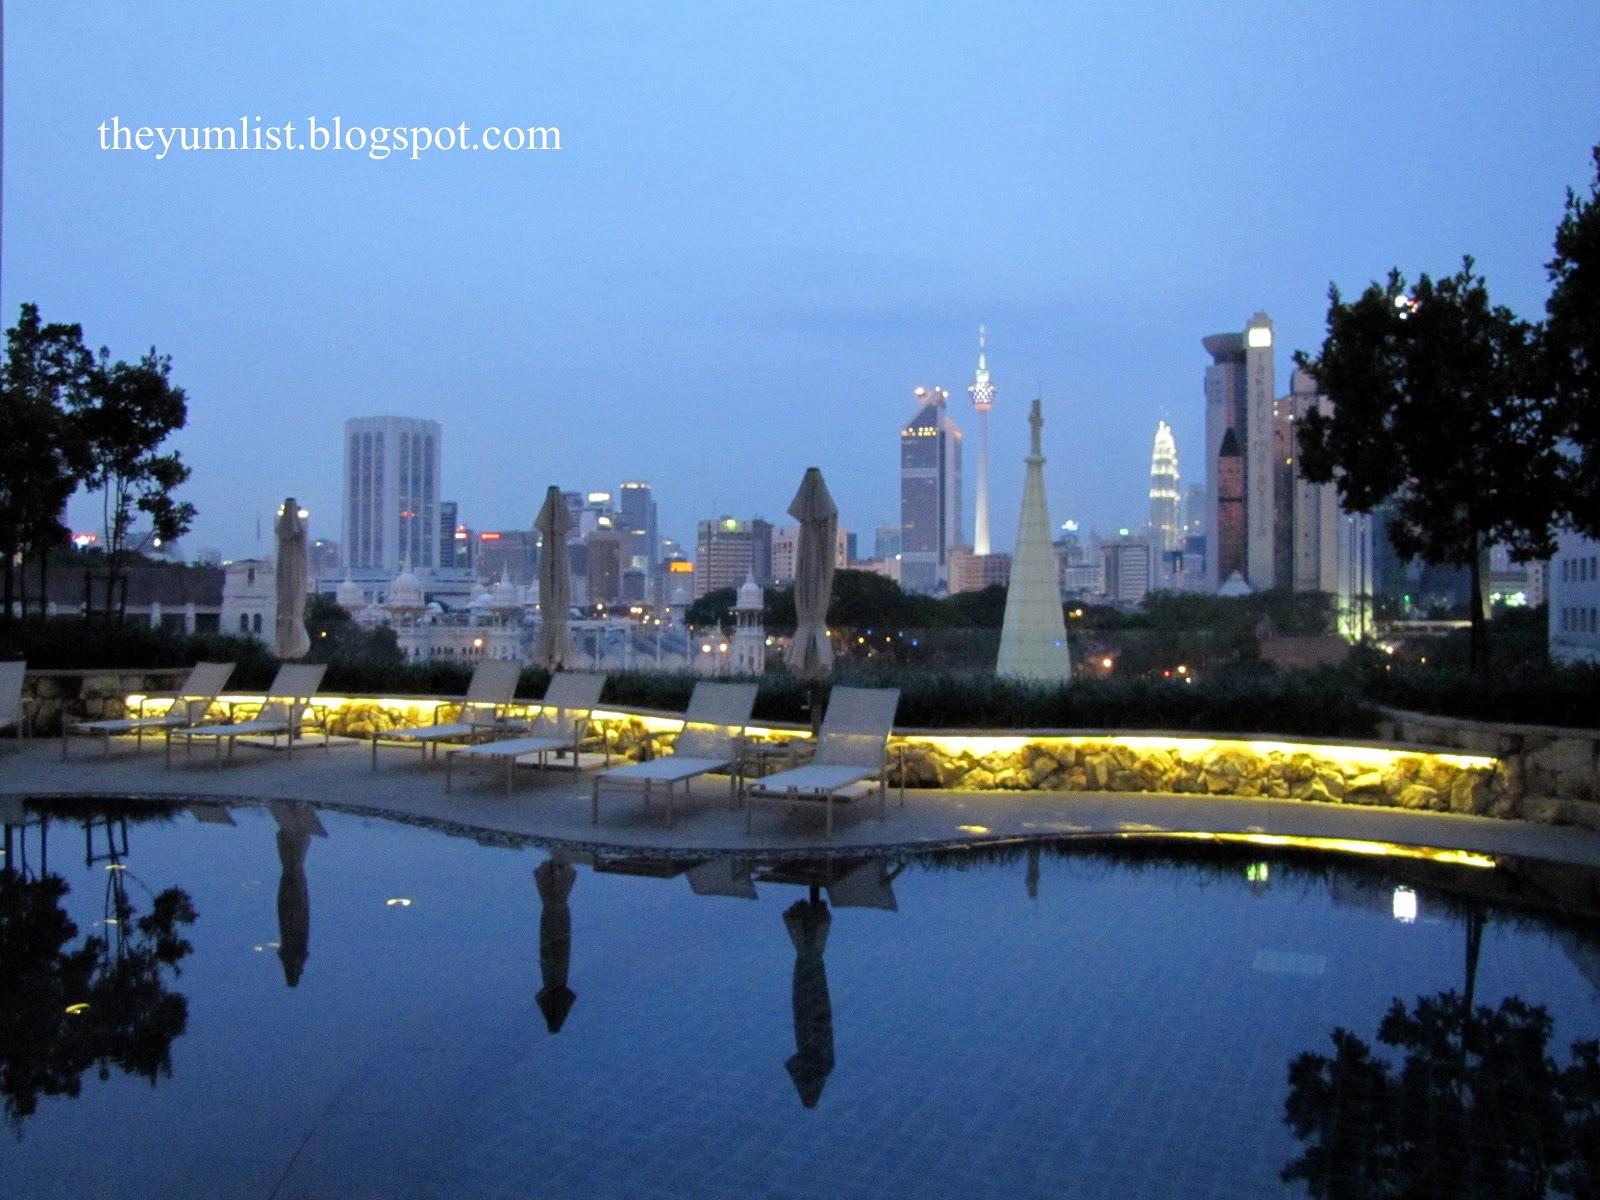 Best hotels in kuala lumpur 2012 malaysia the yum list for Best hotel swimming pool in kuala lumpur